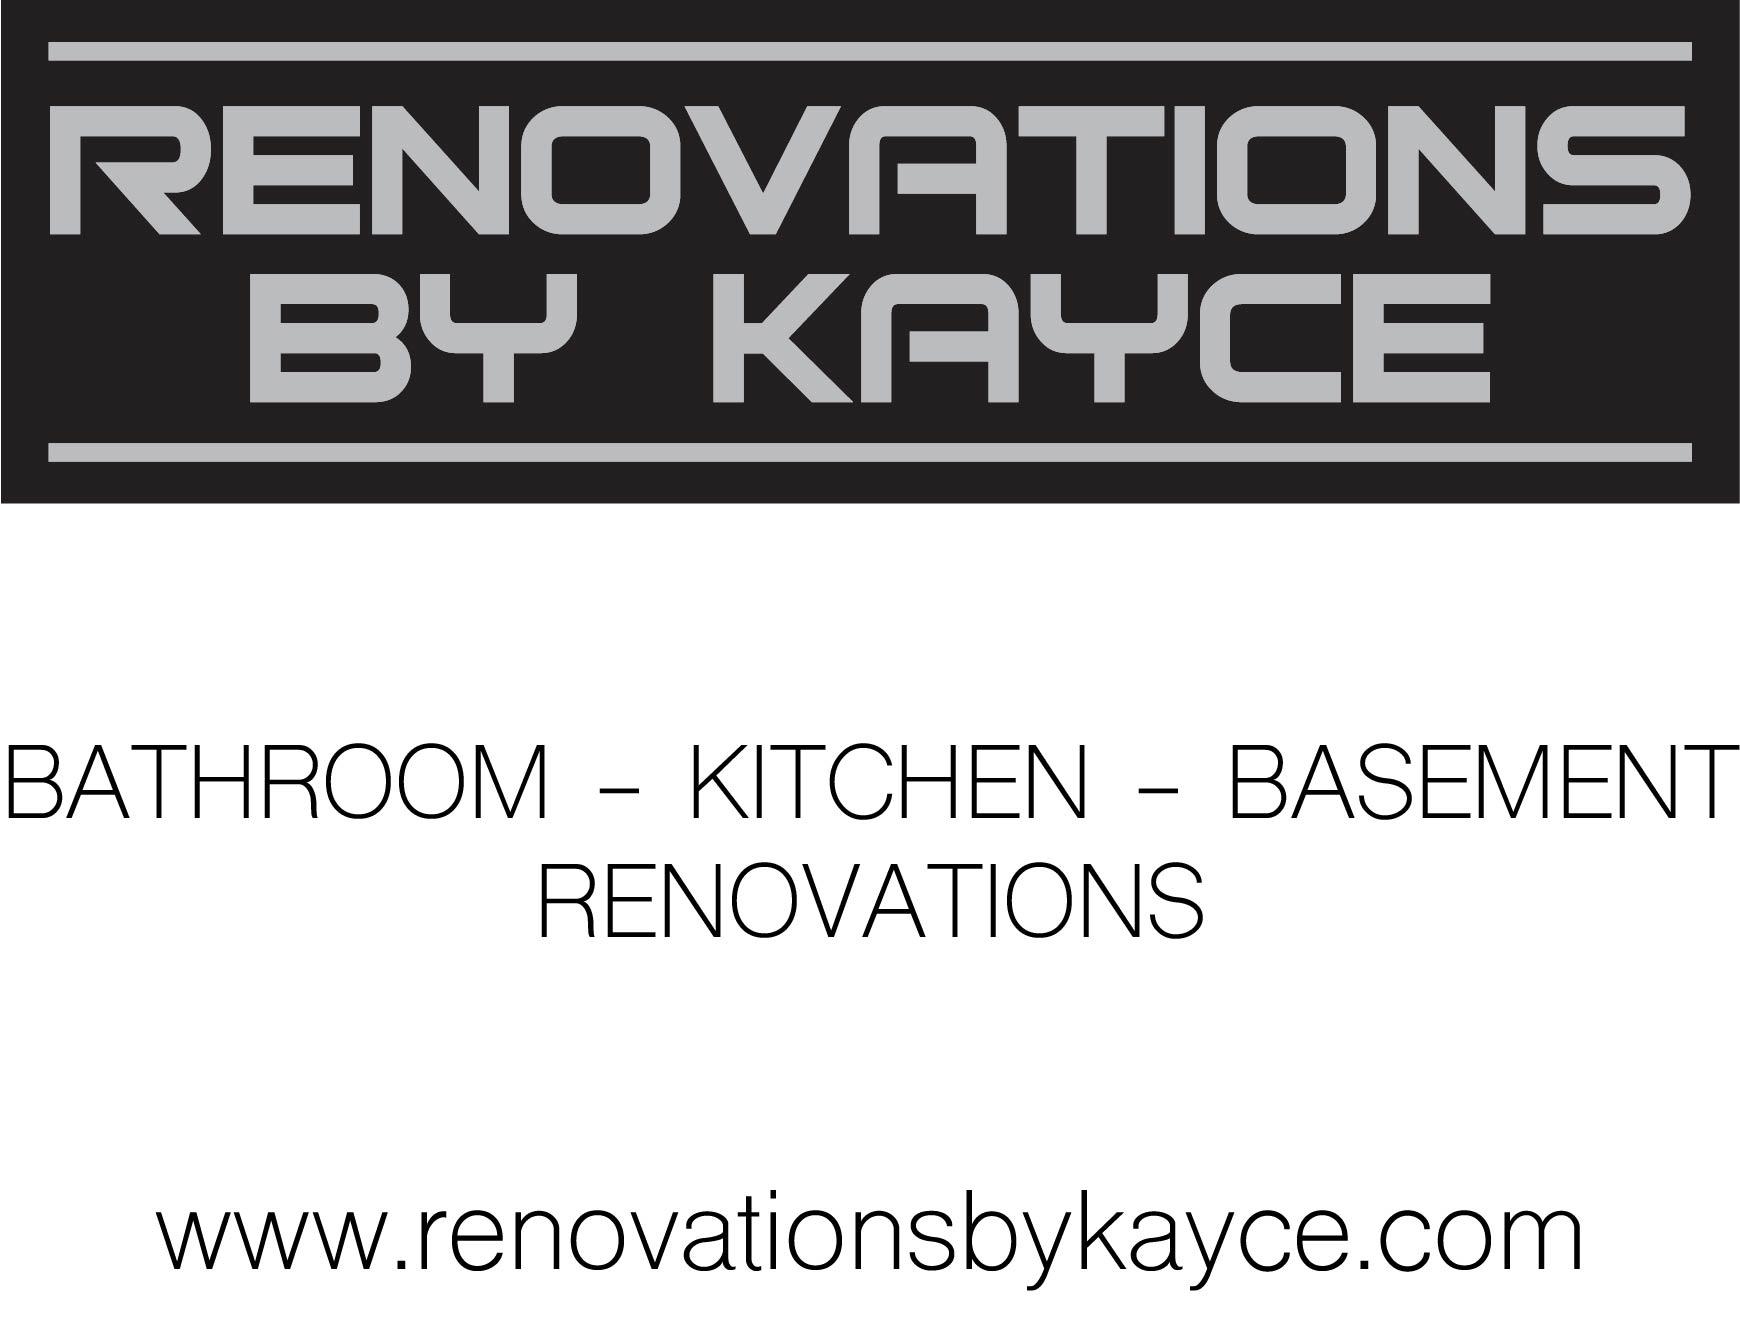 renovationsbykayceportfolio.jpg